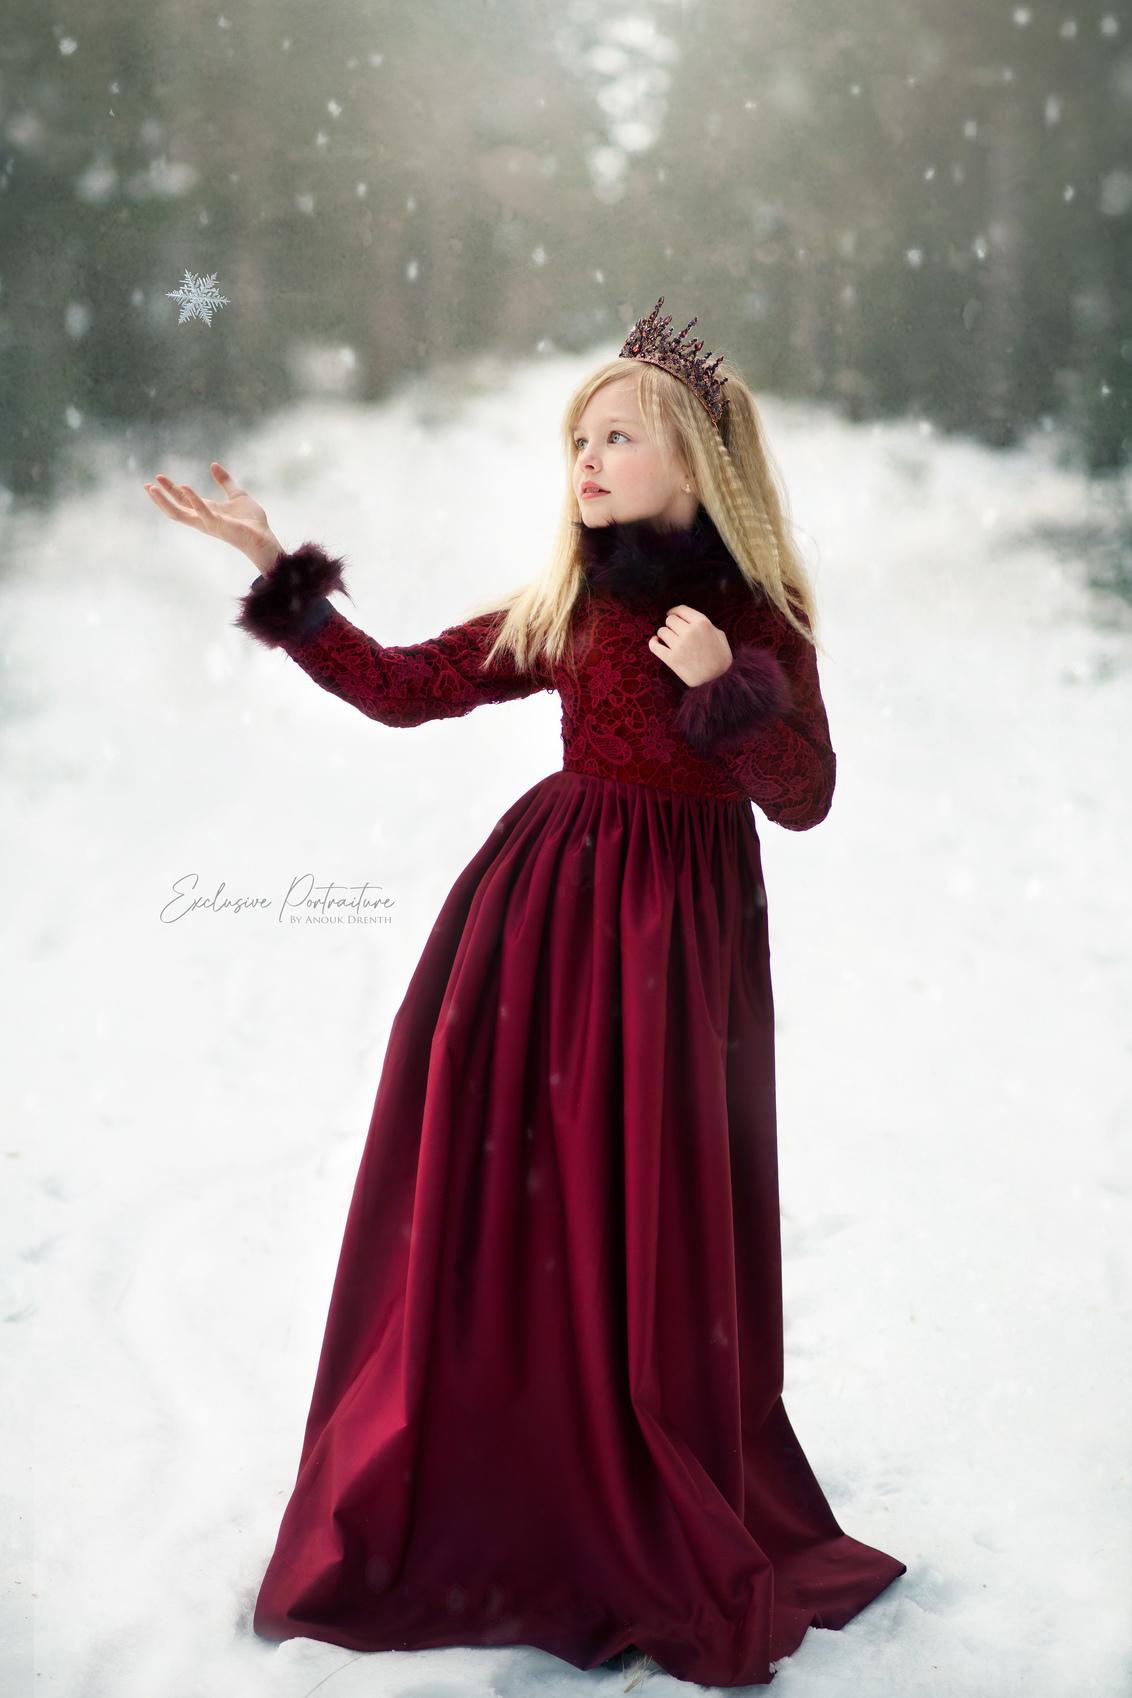 Nova sneeuw5b-klein - Portret in de sneeuw - foto door noekie13 op 03-03-2021 - deze foto bevat: sneeuw, daglicht, kind, kinderen, meisje, lief, beauty, blond